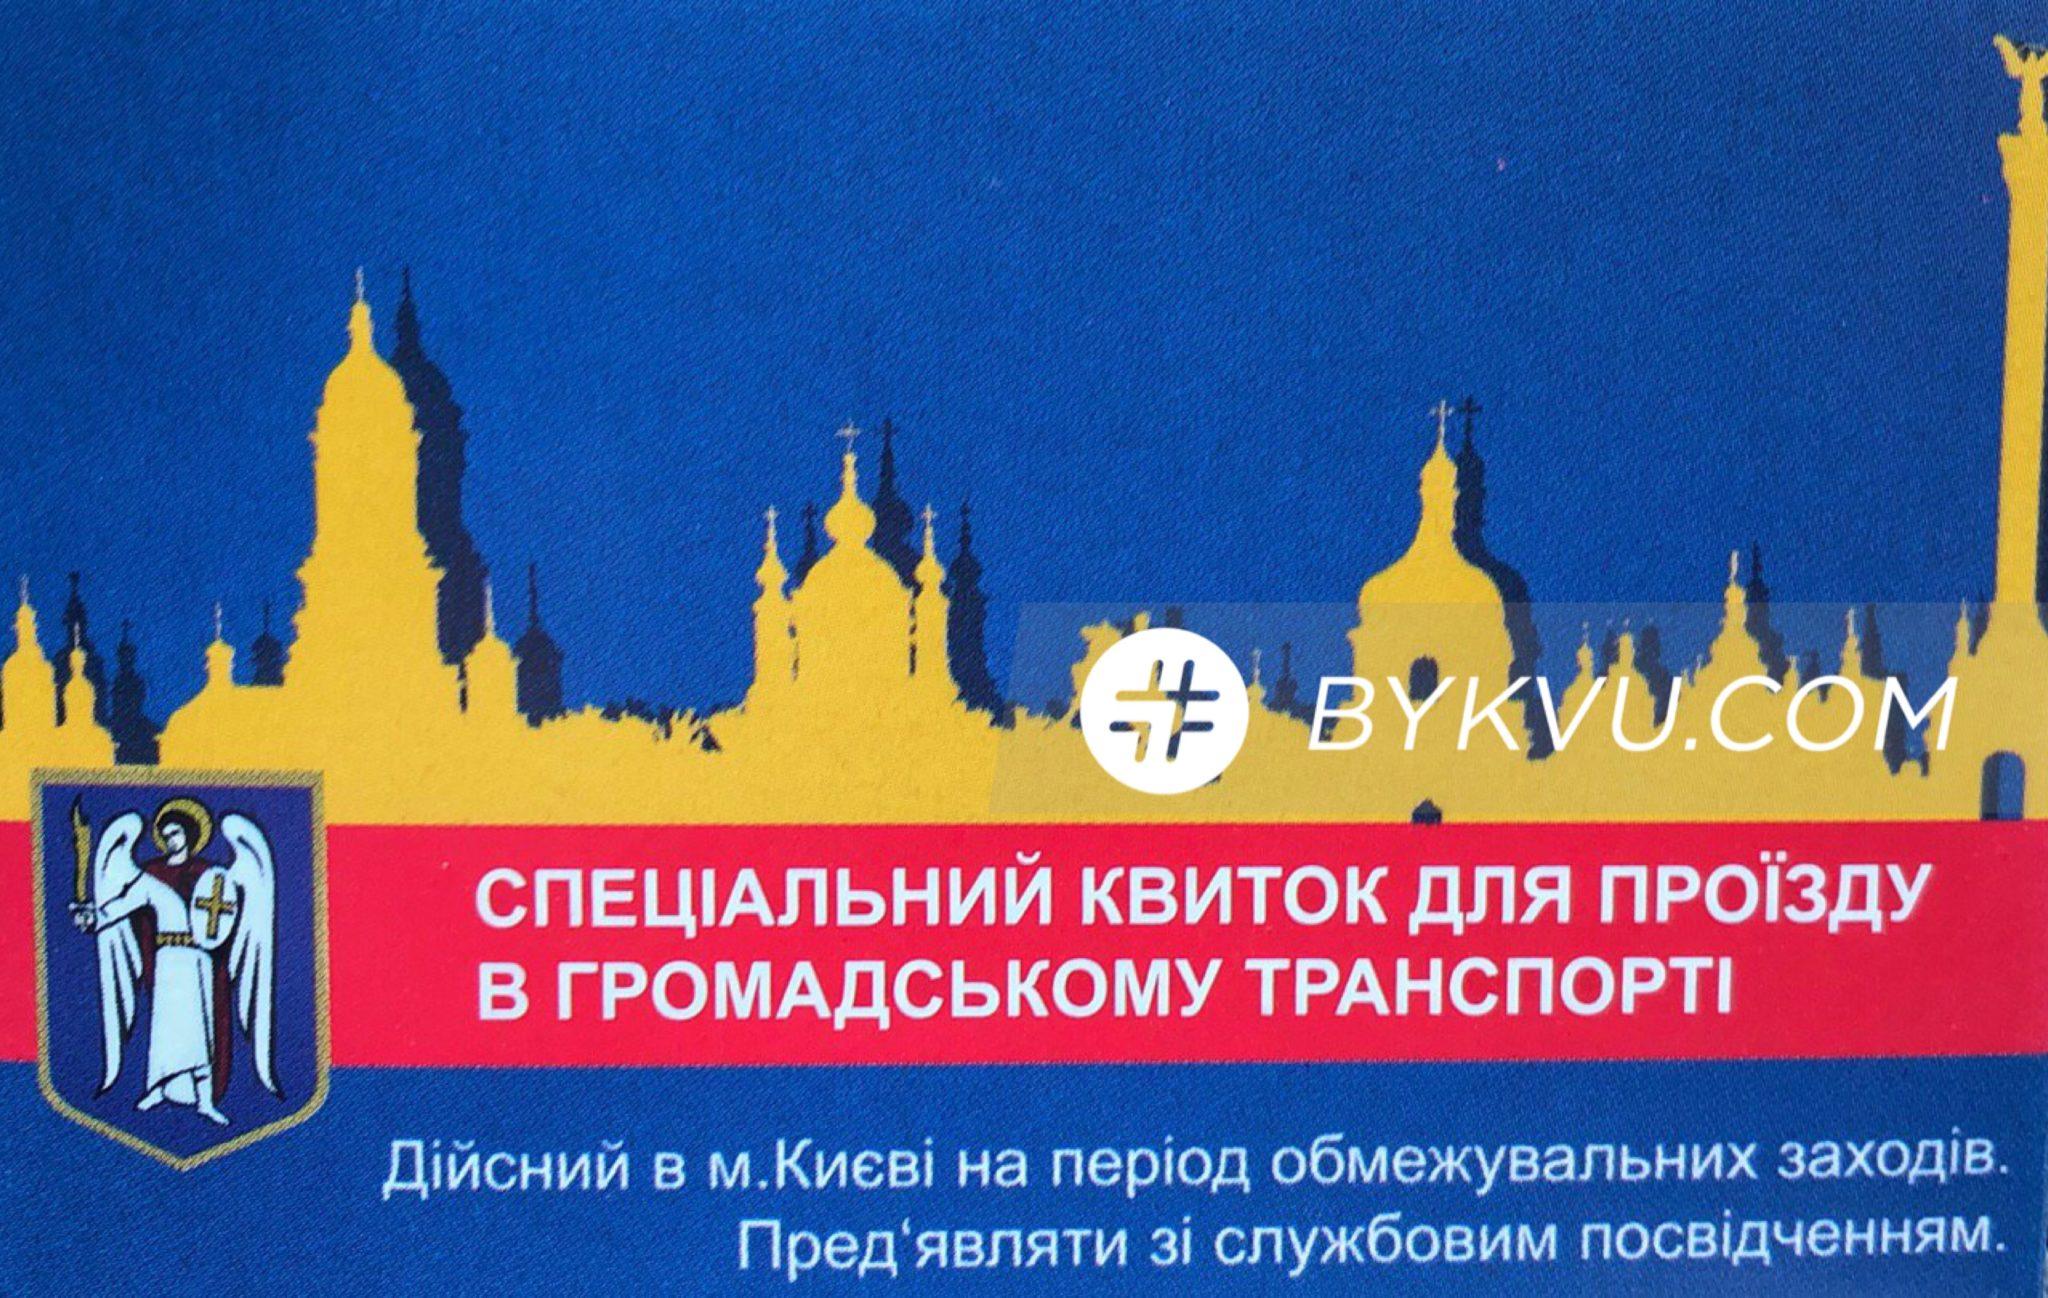 киев_общественный транспорт_спецпропуск_карантин